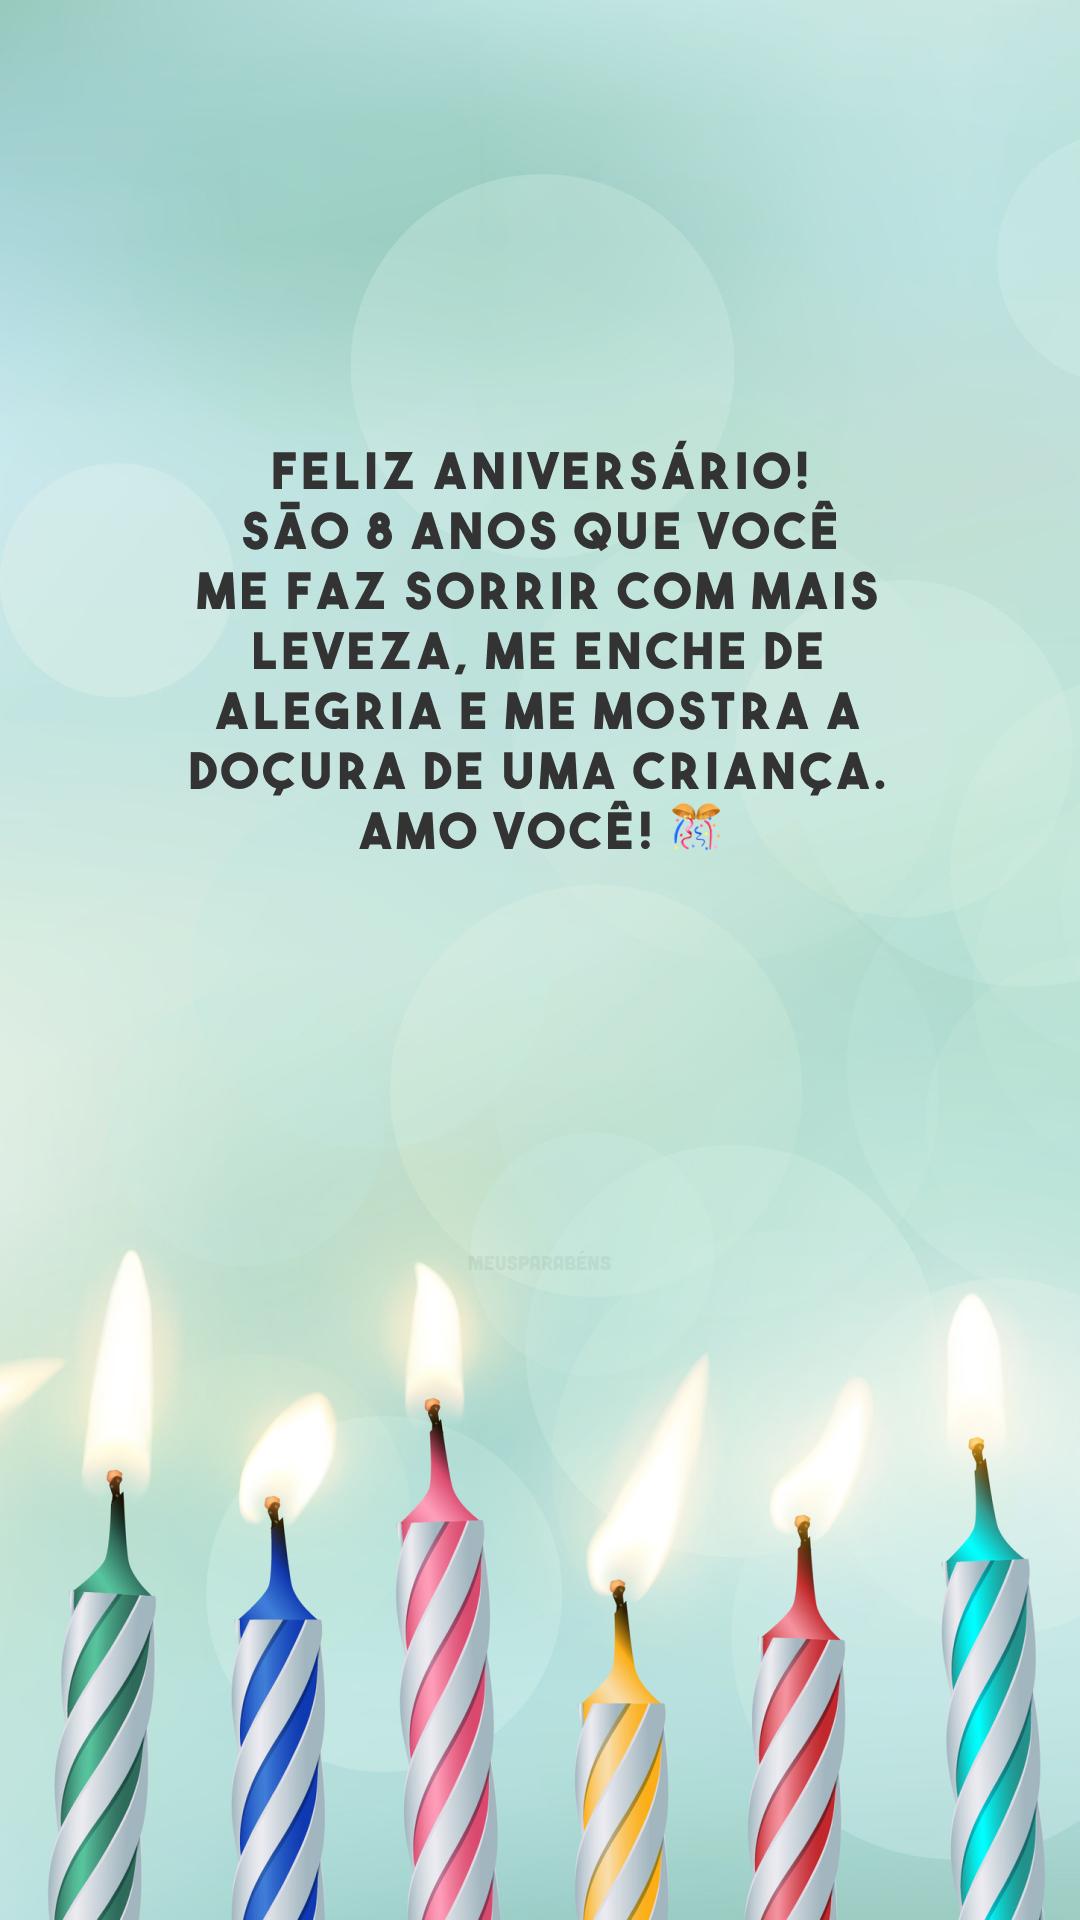 Feliz aniversário! São 8 anos que você me faz sorrir com mais leveza, me enche de alegria e me mostra a doçura de uma criança. Amo você! 🎊